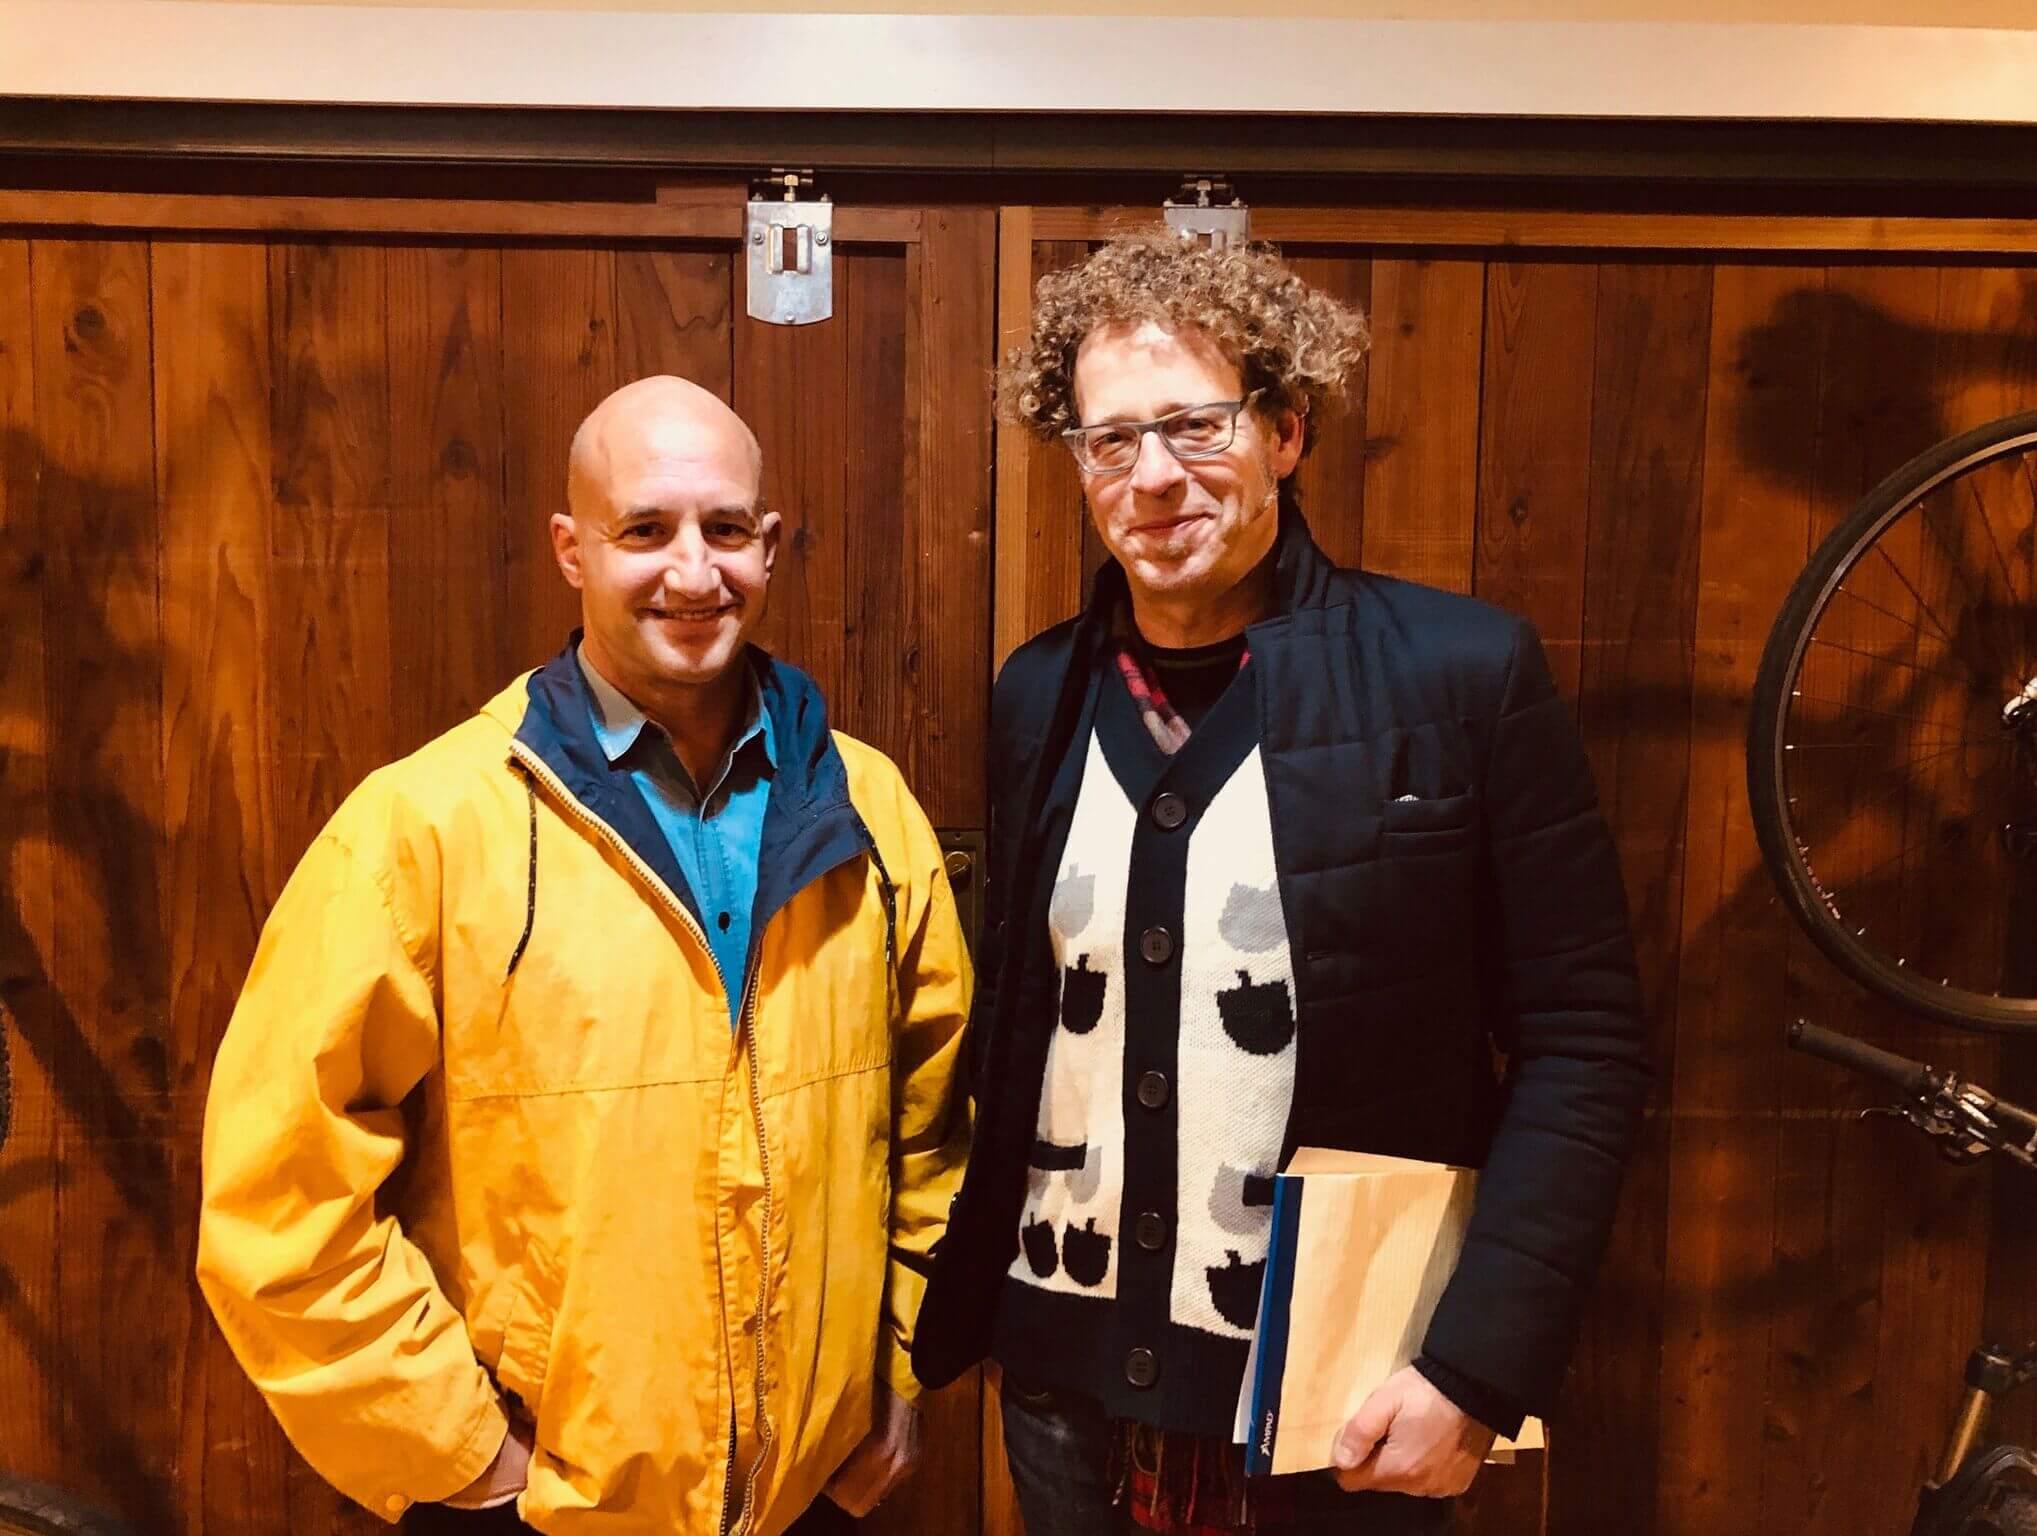 Ken Goldberg & Eric Brewer